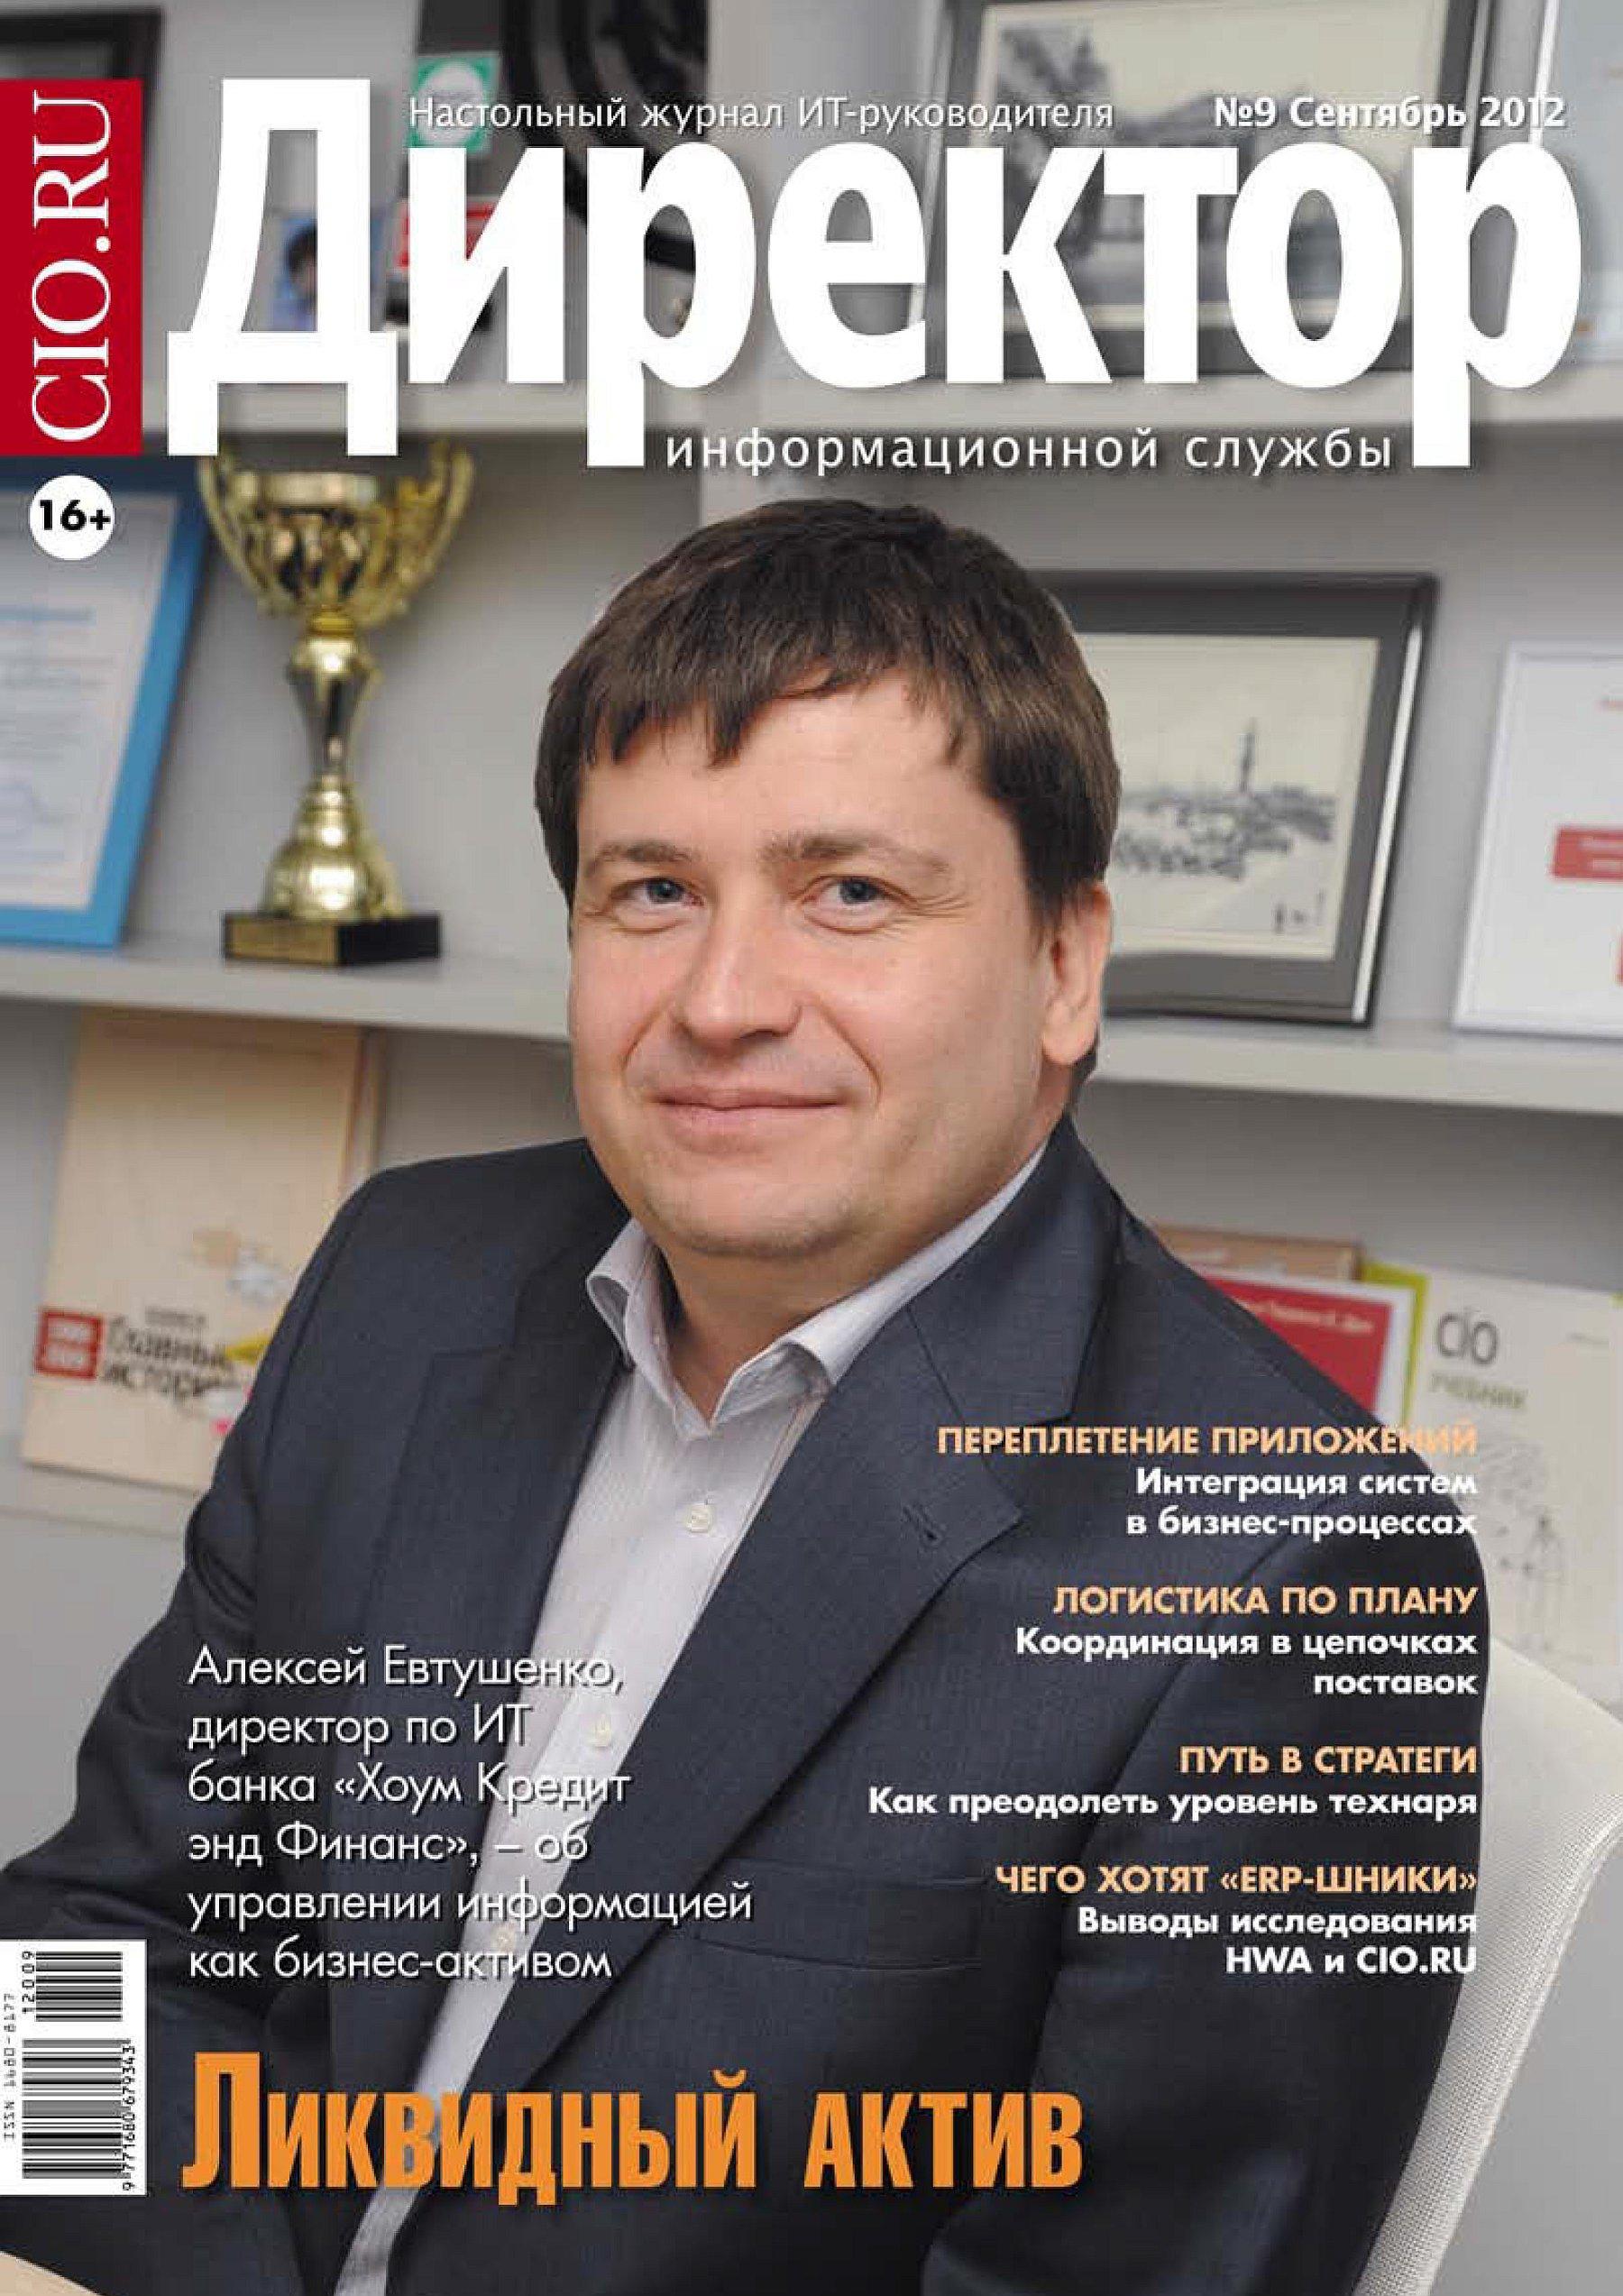 Директор информационной службы №09/2012